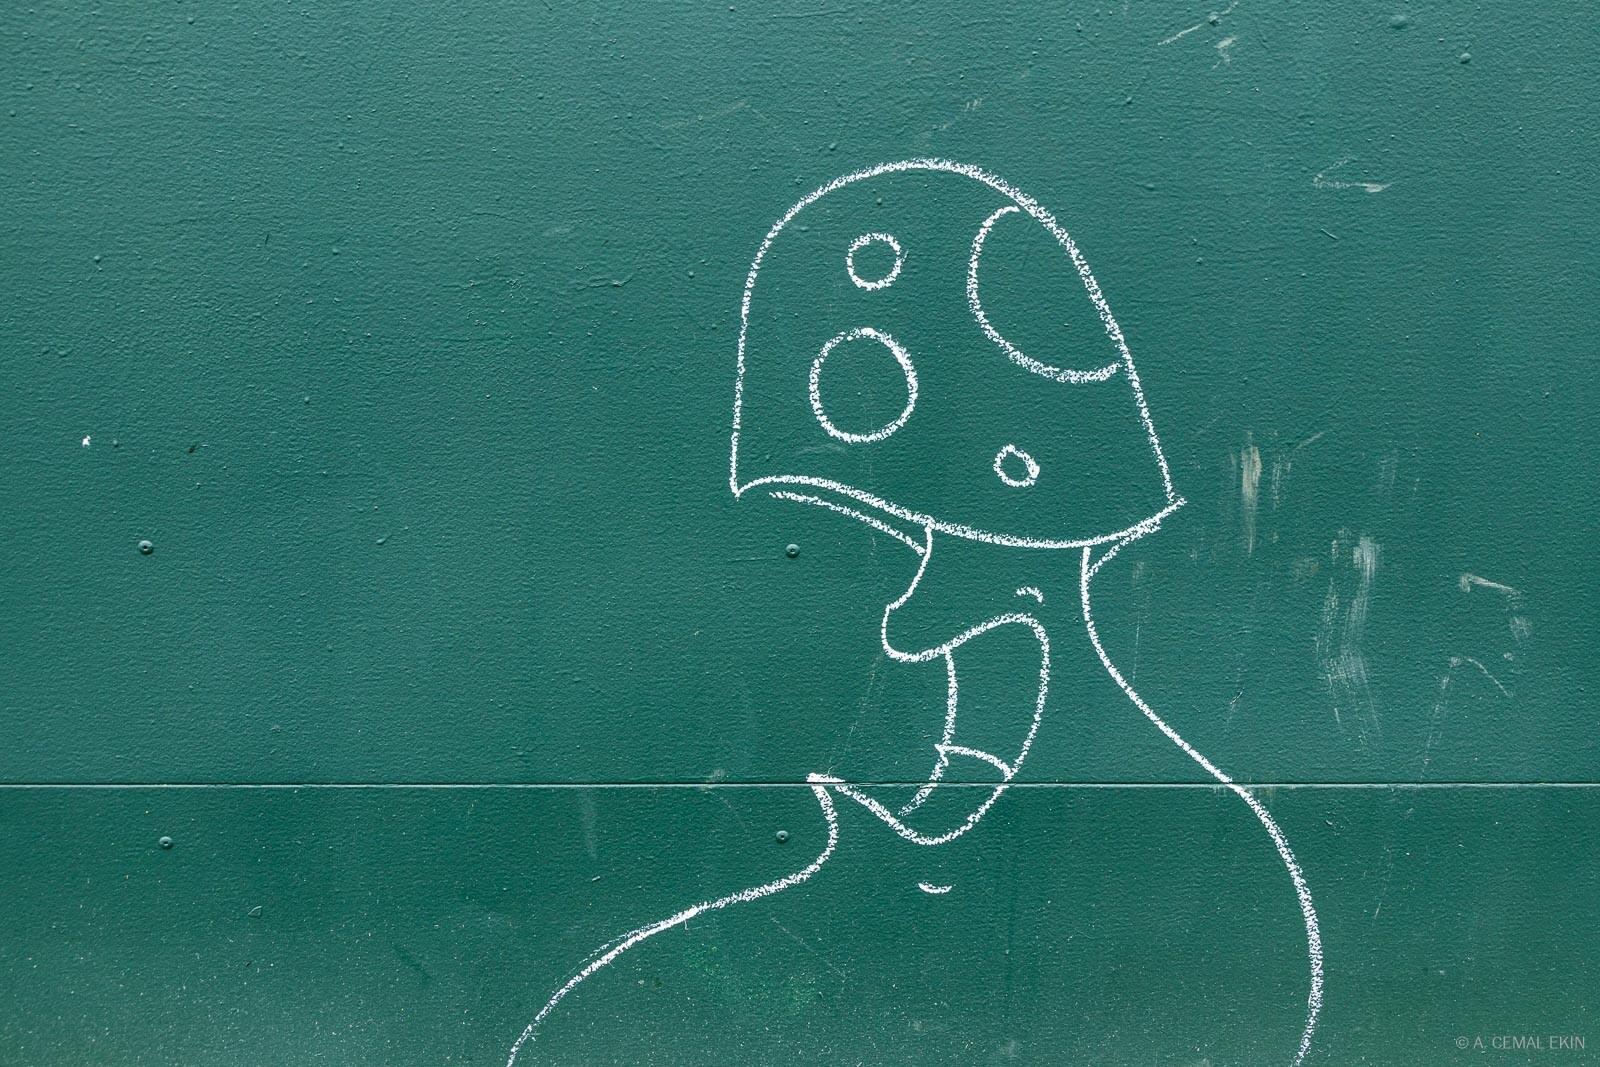 At India Point Park, graffiti